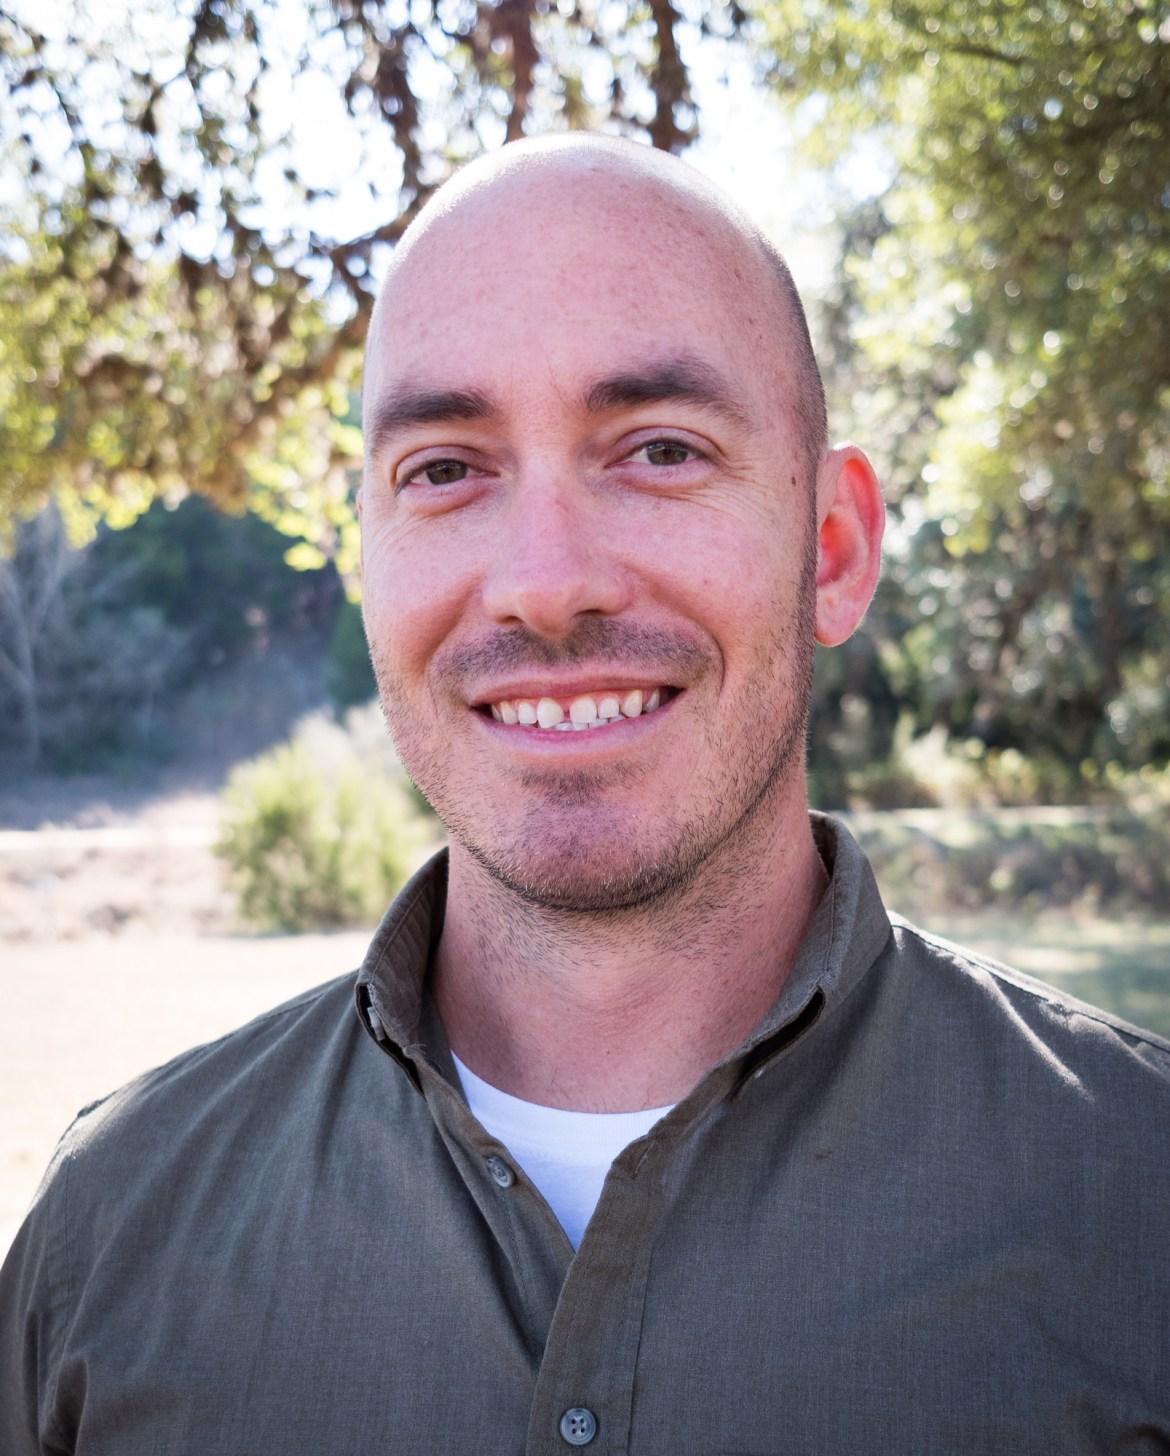 Joshua Maas